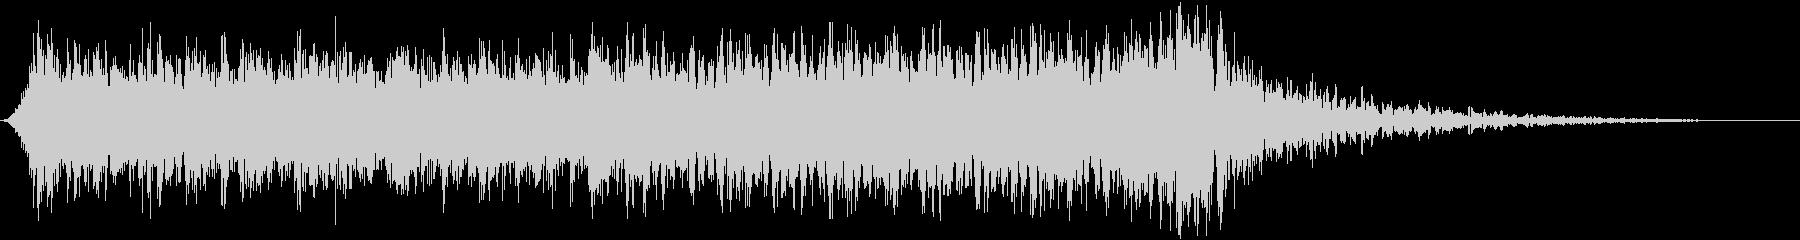 ヒロイックなエピックロックサウンドロゴの未再生の波形